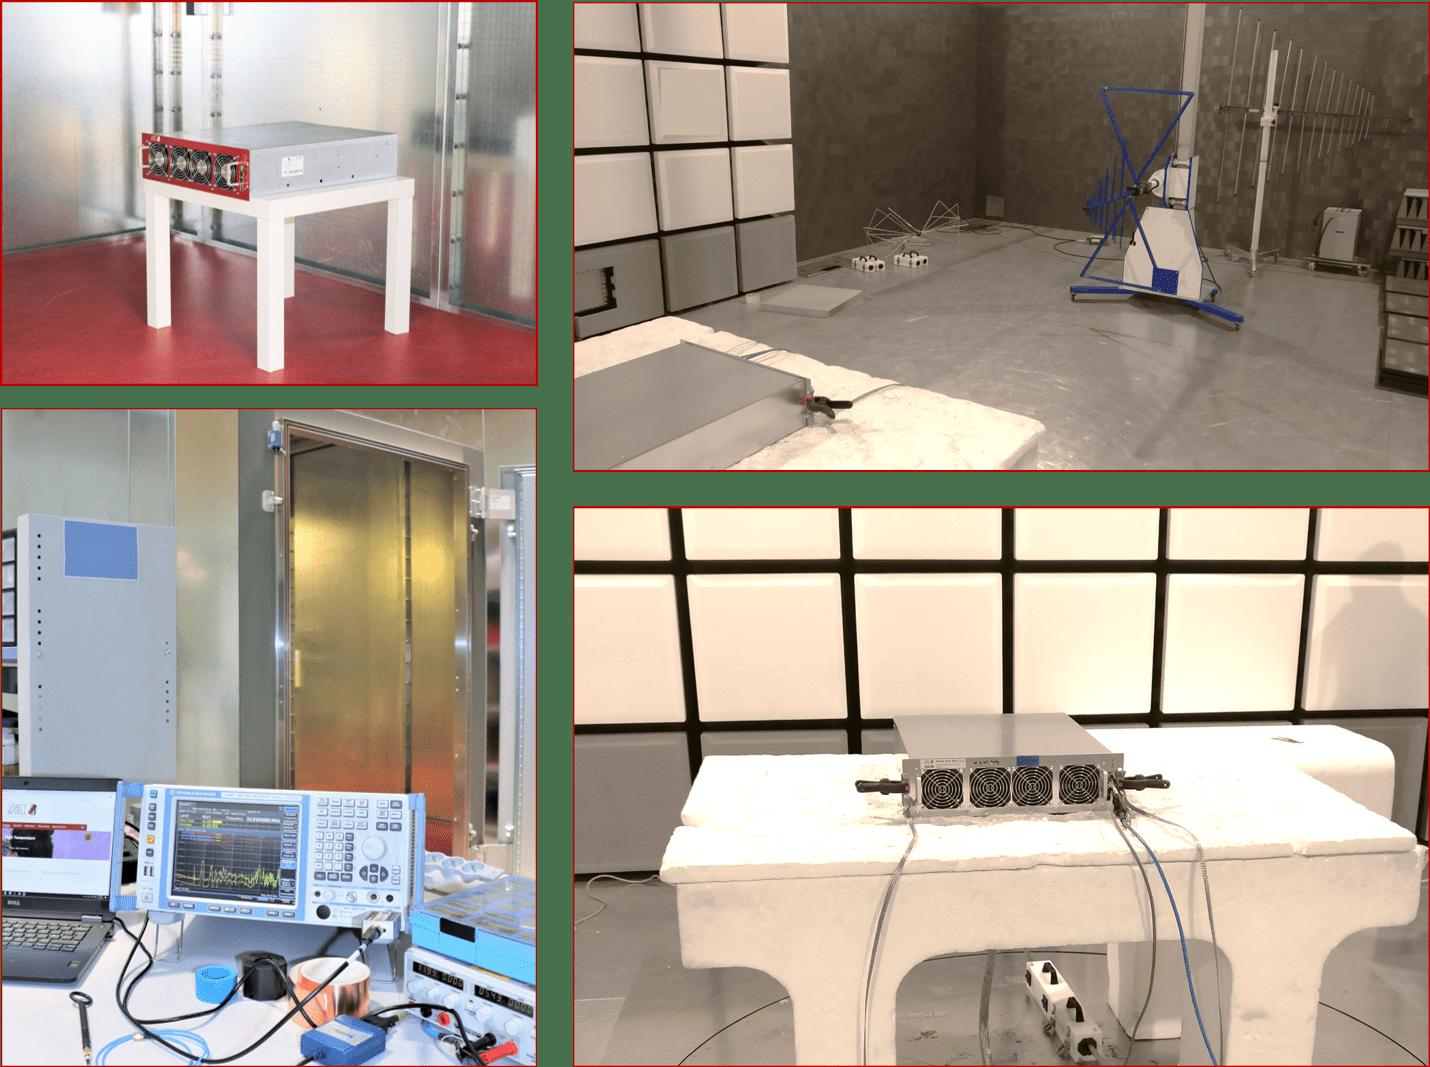 EMC lab equipment